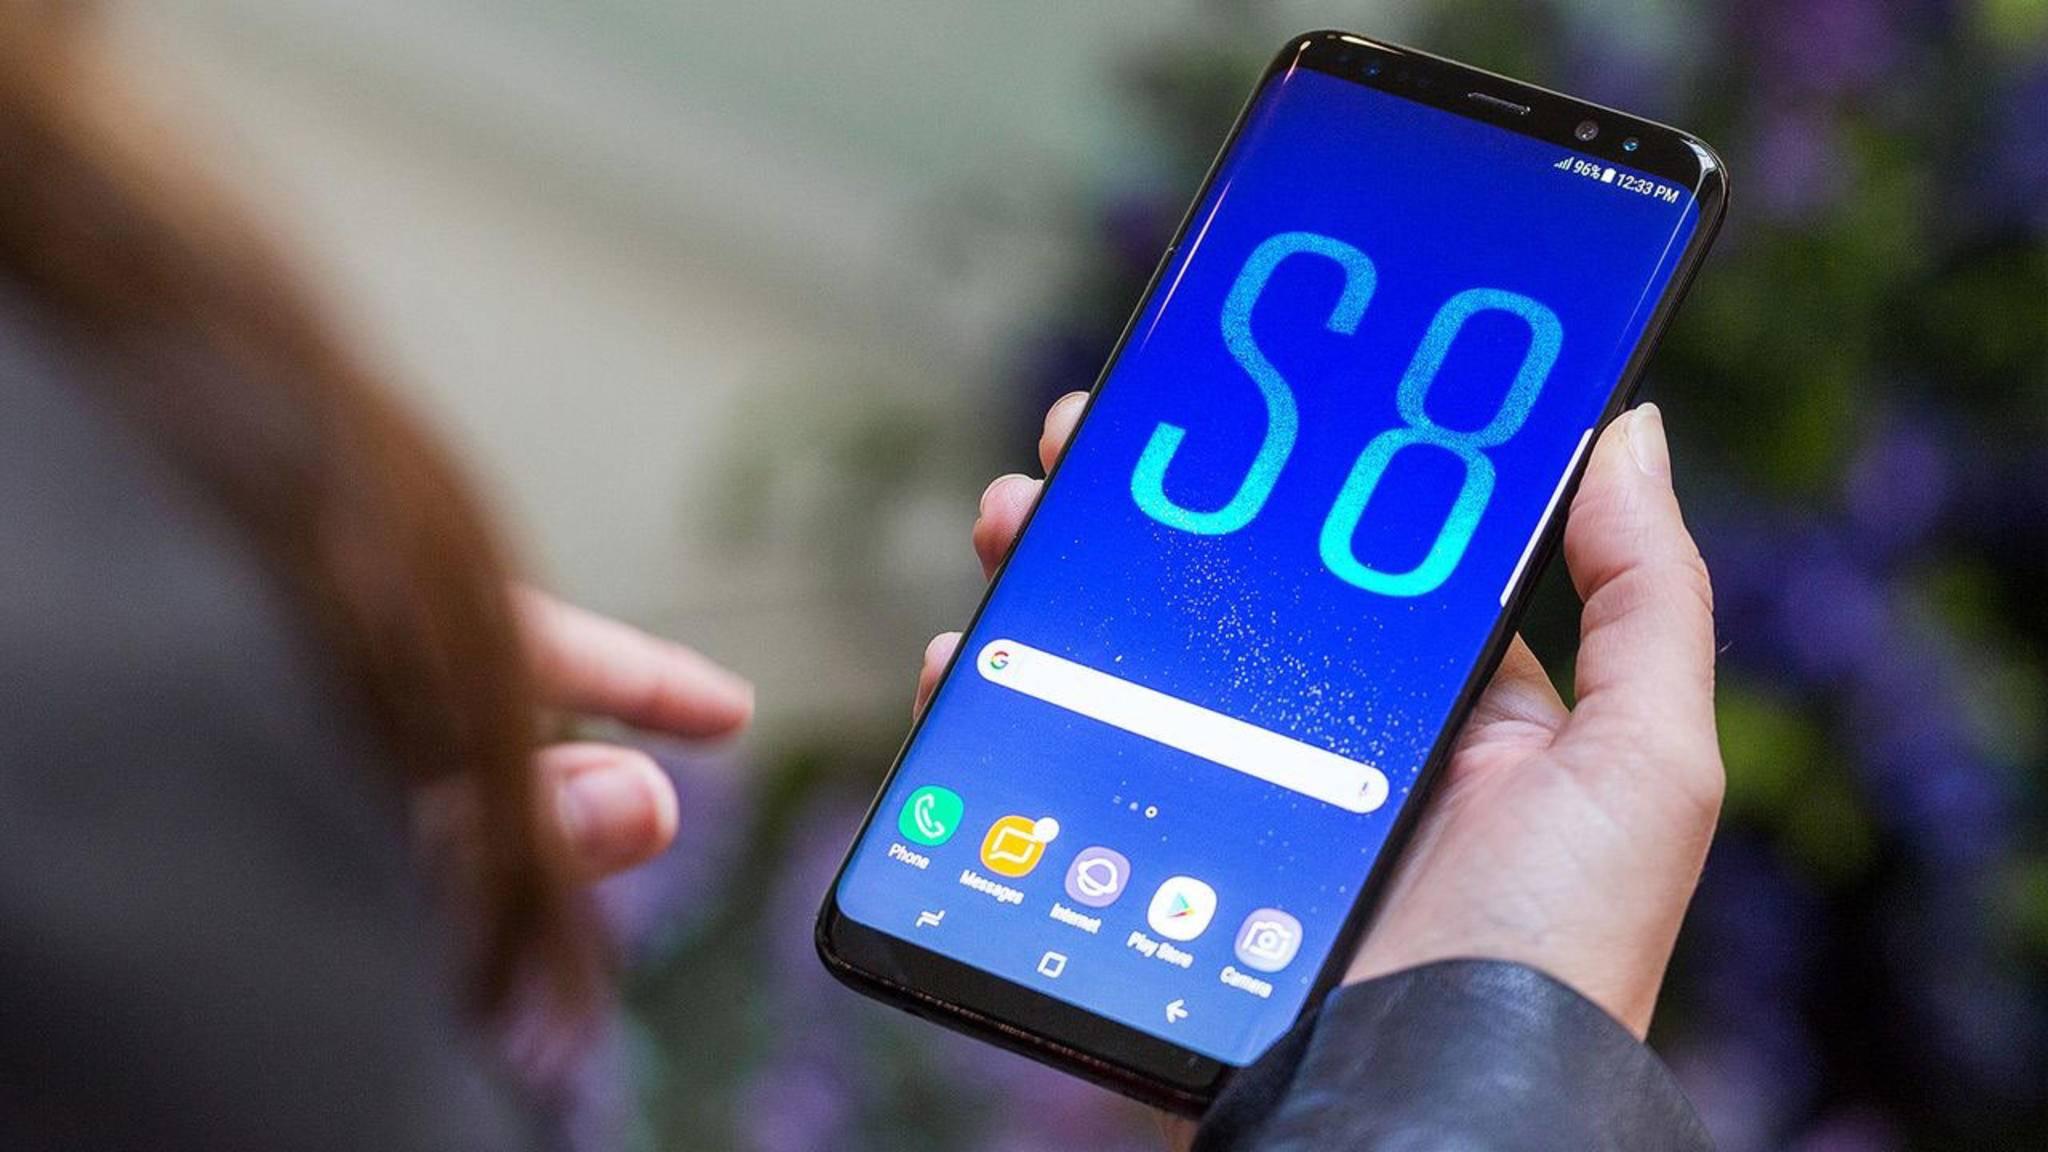 Galaxy S8 fällt bei Drop-Test von Stiftung Warentest durch